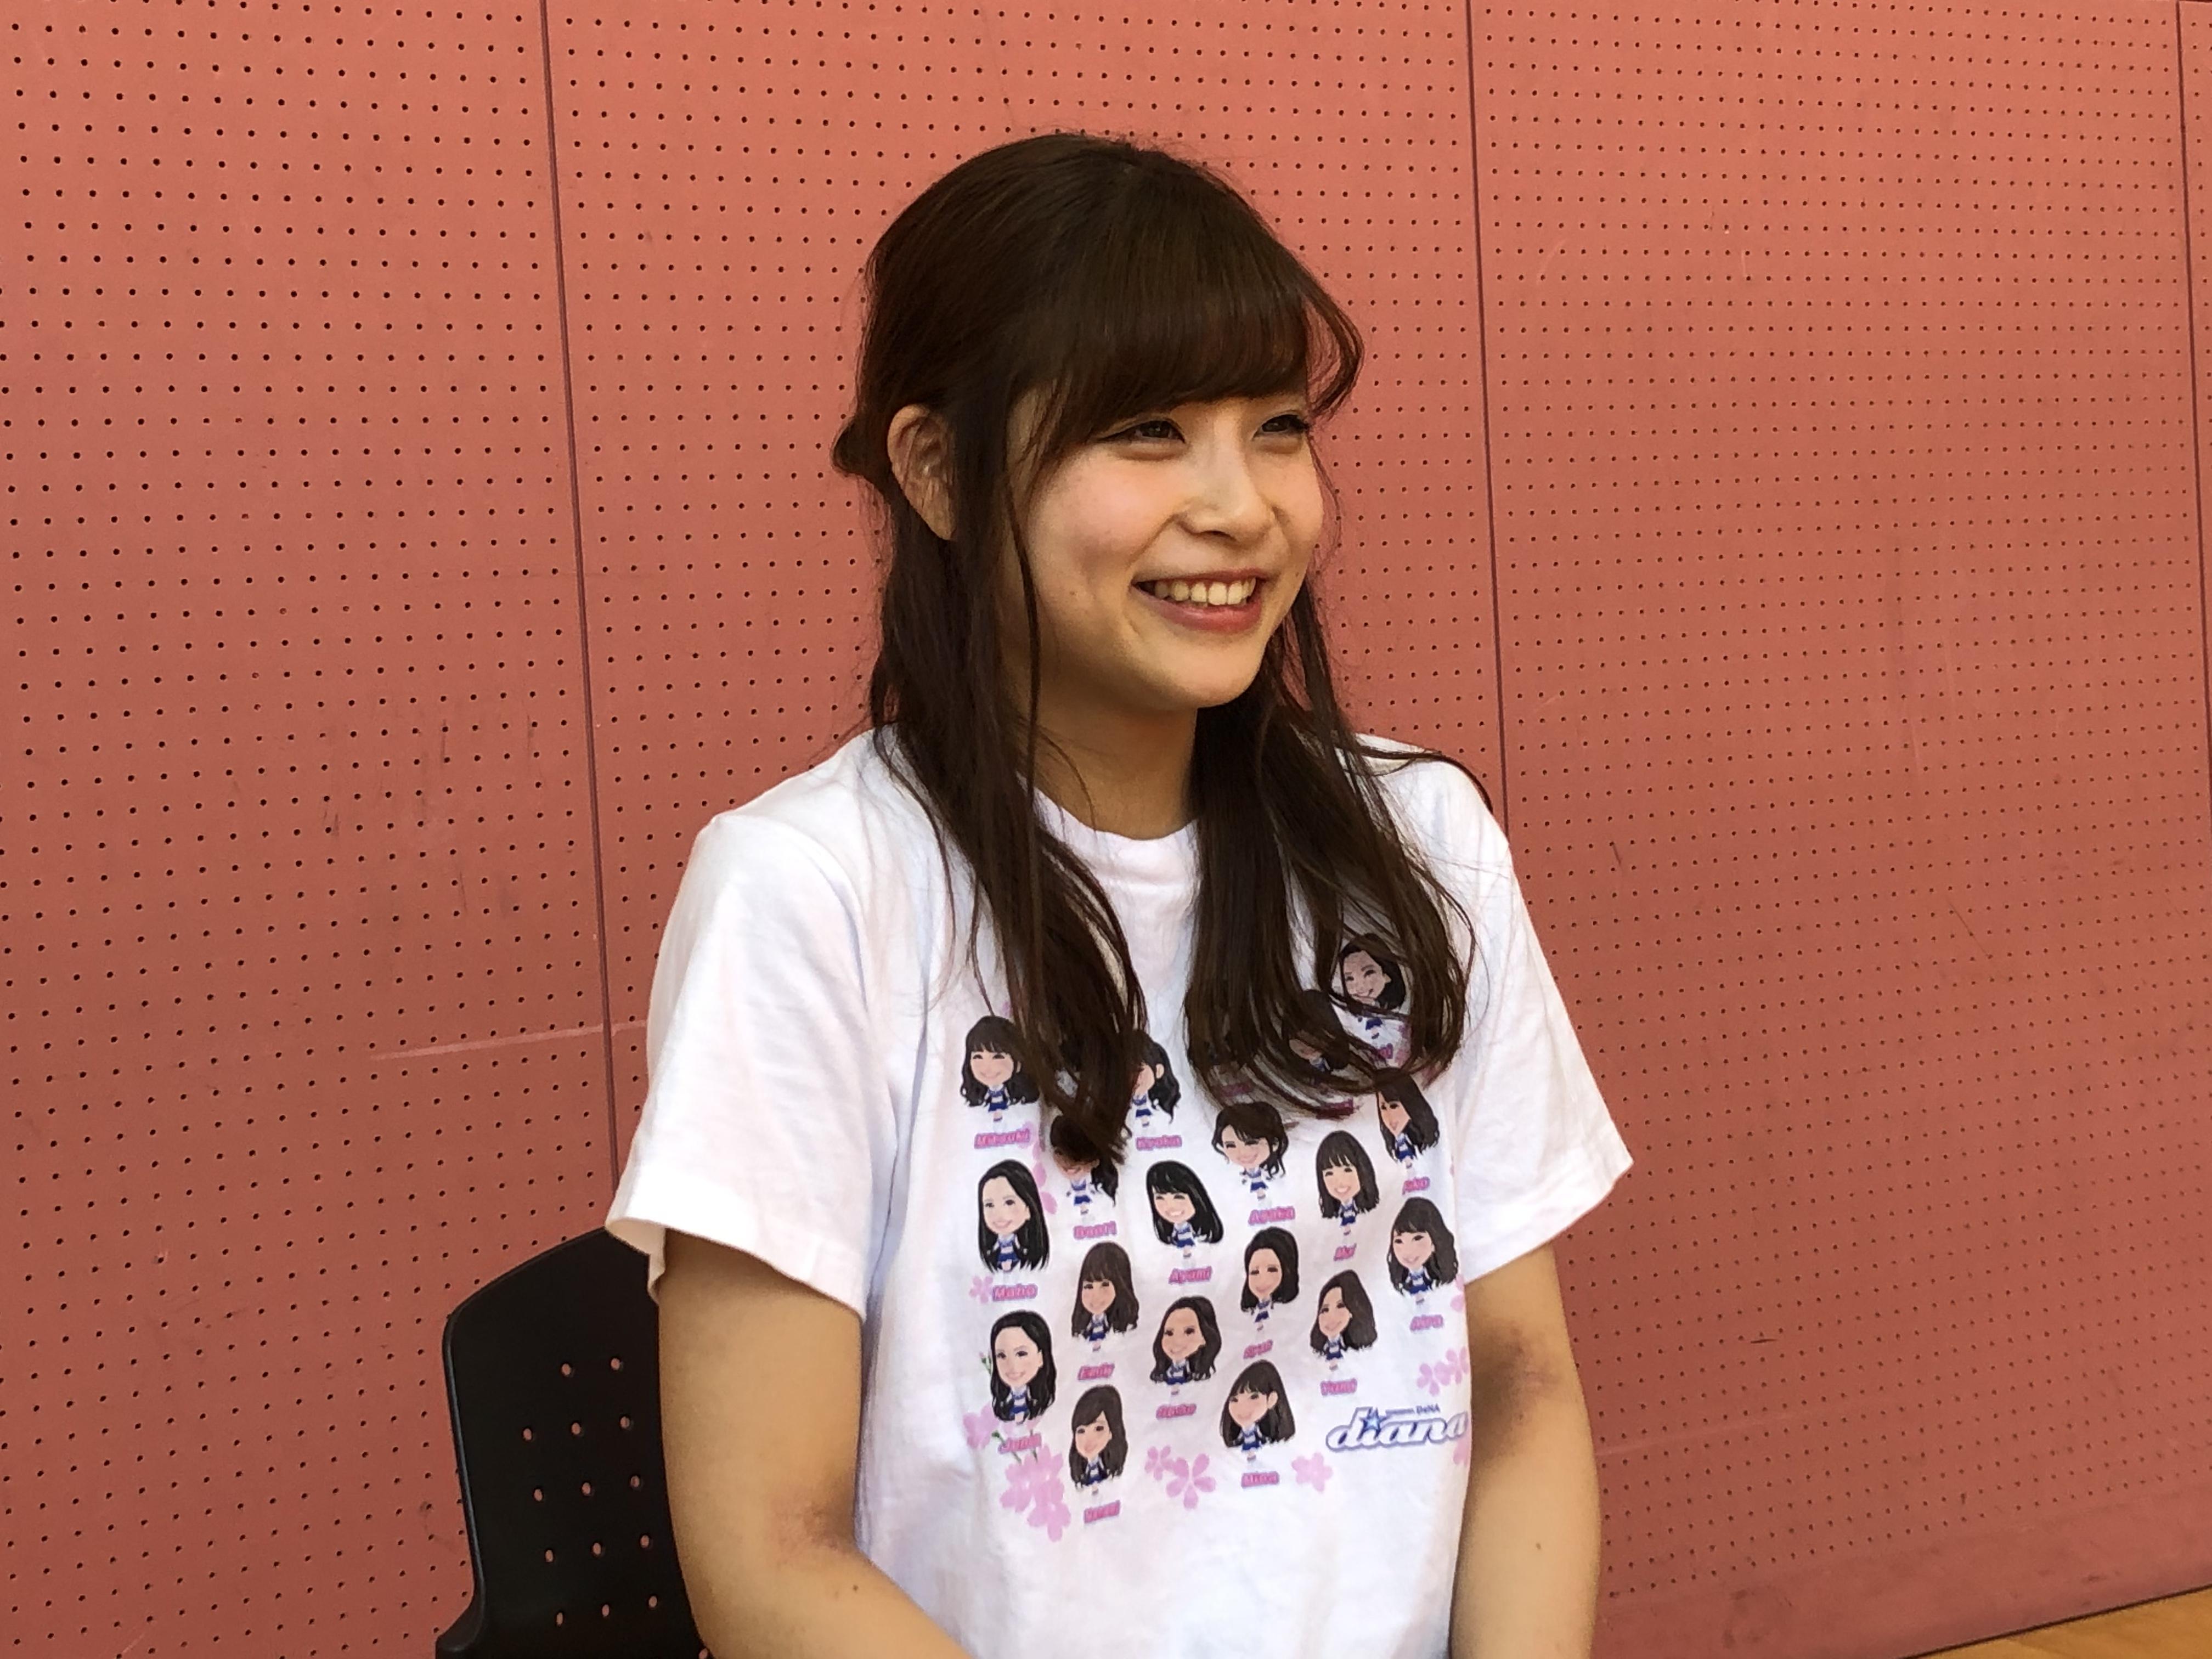 インタビューに答えるMitsukiさん